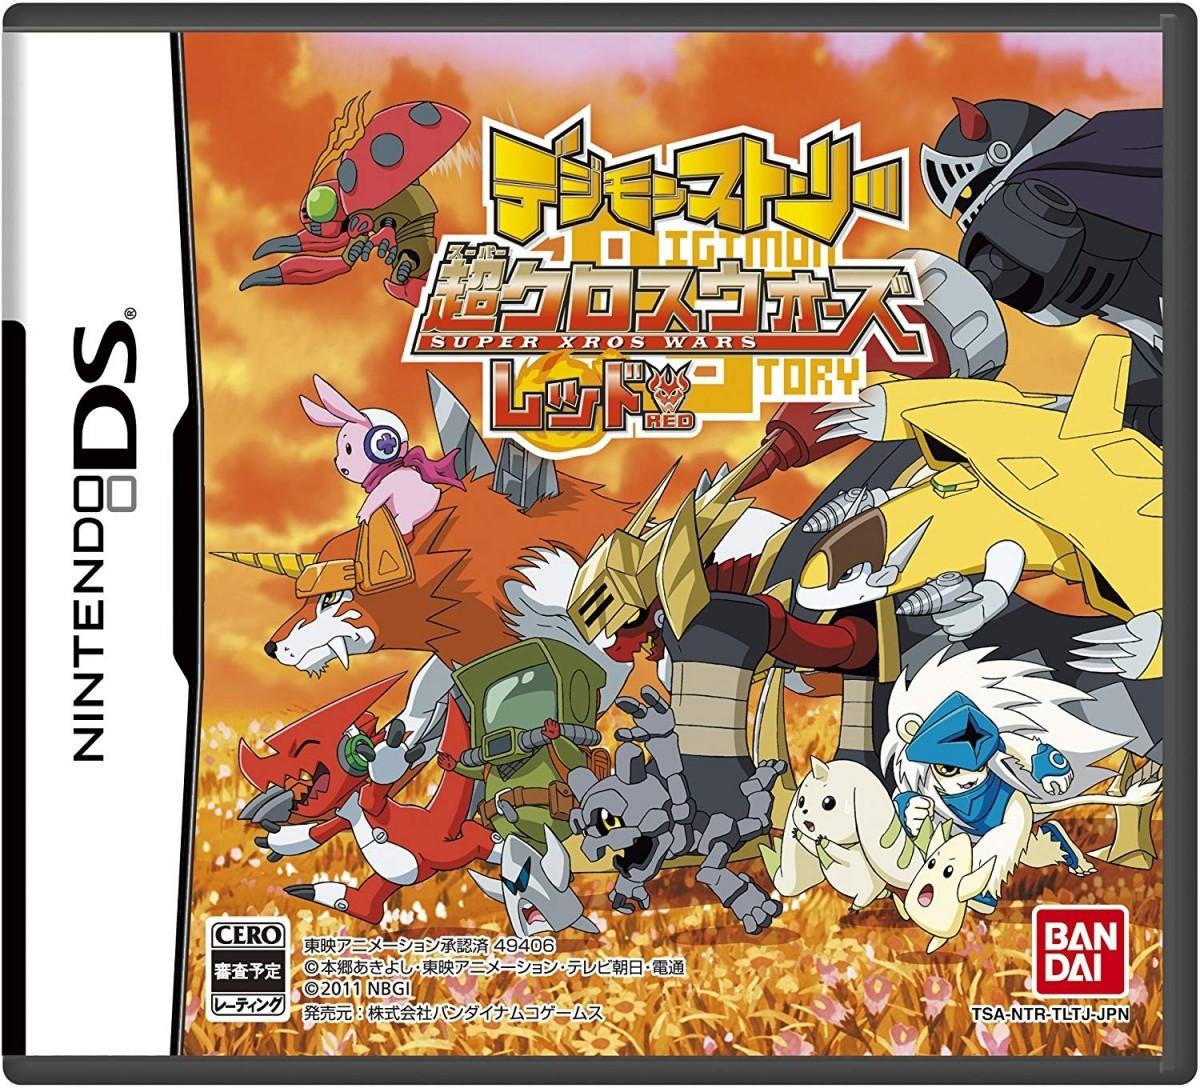 【DS】 デジモンストーリー 超クロスウォーズ [レッド]の商品画像 ナビ